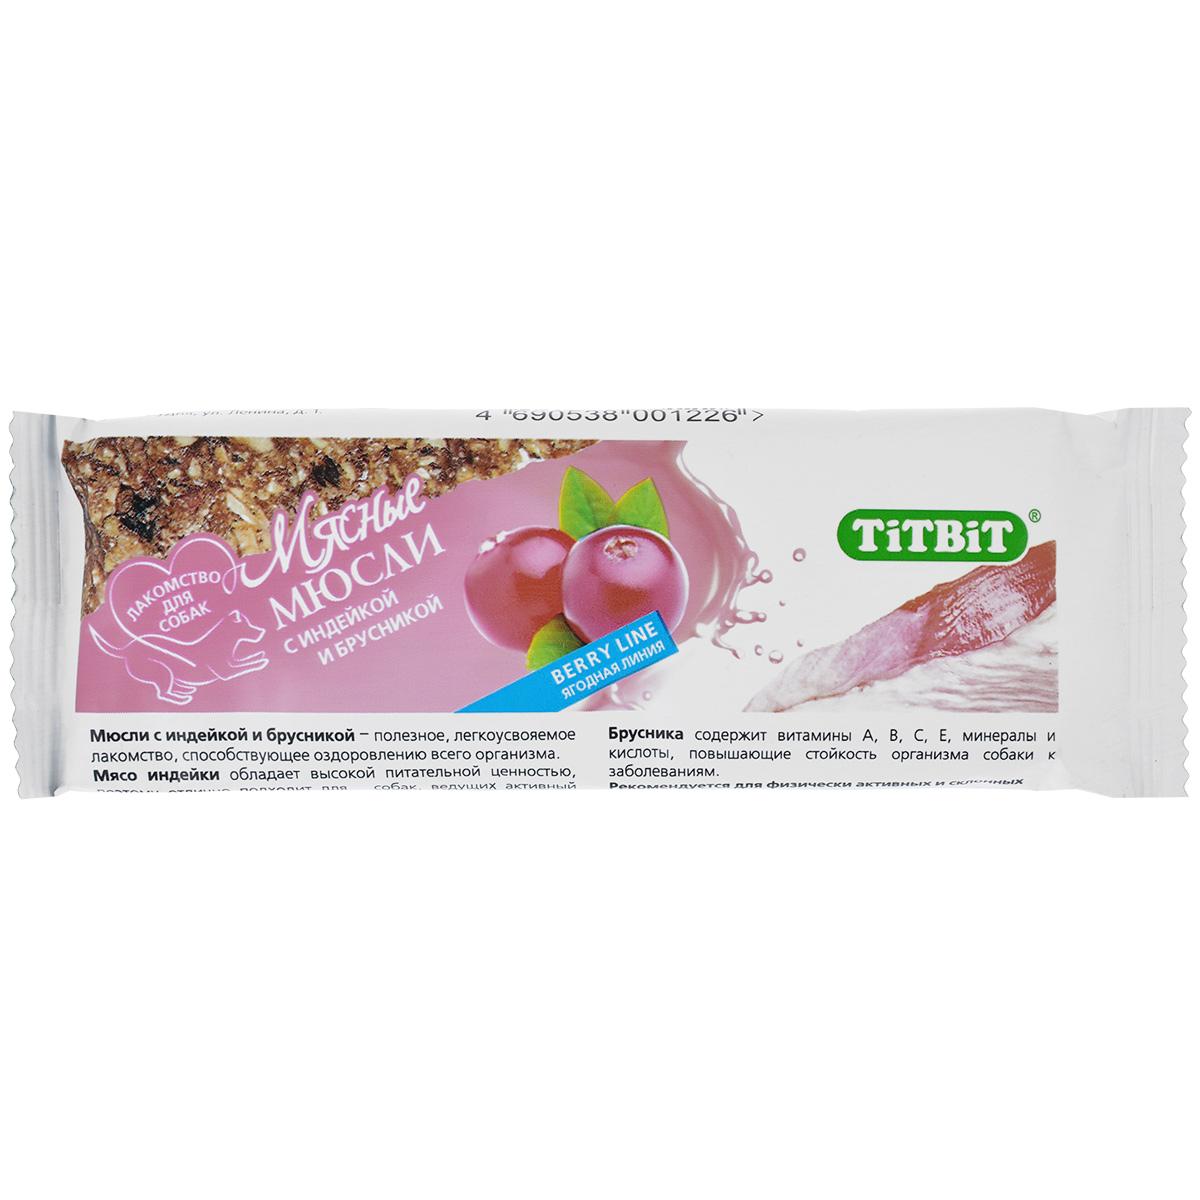 Лакомство для собак Titbit Berry, мясные мюсли с индейкой и брусникой1523Мясные мюсли для собак Titbit Berry – это легкое низкокалорийное полезное лакомство, на основе злаковых составляющих с добавлением мяса, фруктов и ягод. Рекомендуется для физически активных и склонных к полноте собак всех пород. Высокая питательная ценность. Содержит витамины А, В, С, Е, минералы и кислоты, повышающие резистентность организма. Для собак, ведущих активный образ жизни. Состав: Овсяные хлопья 24%, индейка 20%, кукурузный крахмал 16%, отруби 9%, брусника 8%, яблоки 6%, тыква 6%, мед 4%, масло растительное 2%, фруктоза 2%, дрожжевой экстракт 2%, фитокомплекс экстрактов растений 1%.Товар сертифицирован.